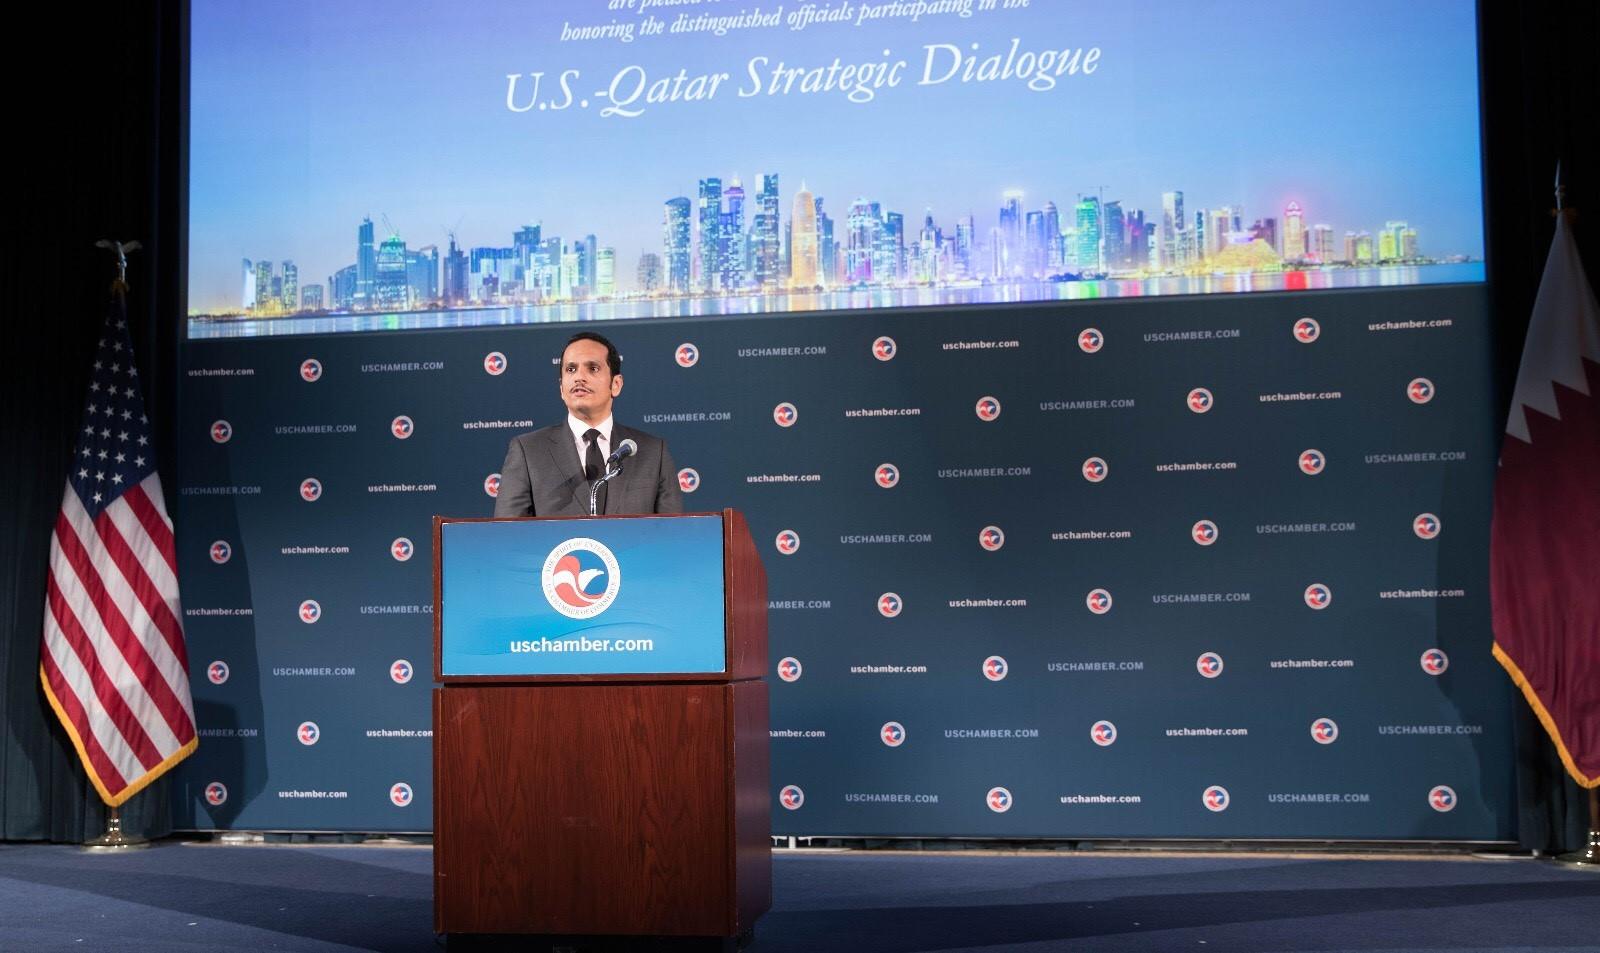 نائب رئيس مجلس الوزراء وزير الخارجية: الحوار الاستراتيجي يعكس عمق العلاقات بين قطر والولايات المتحدة